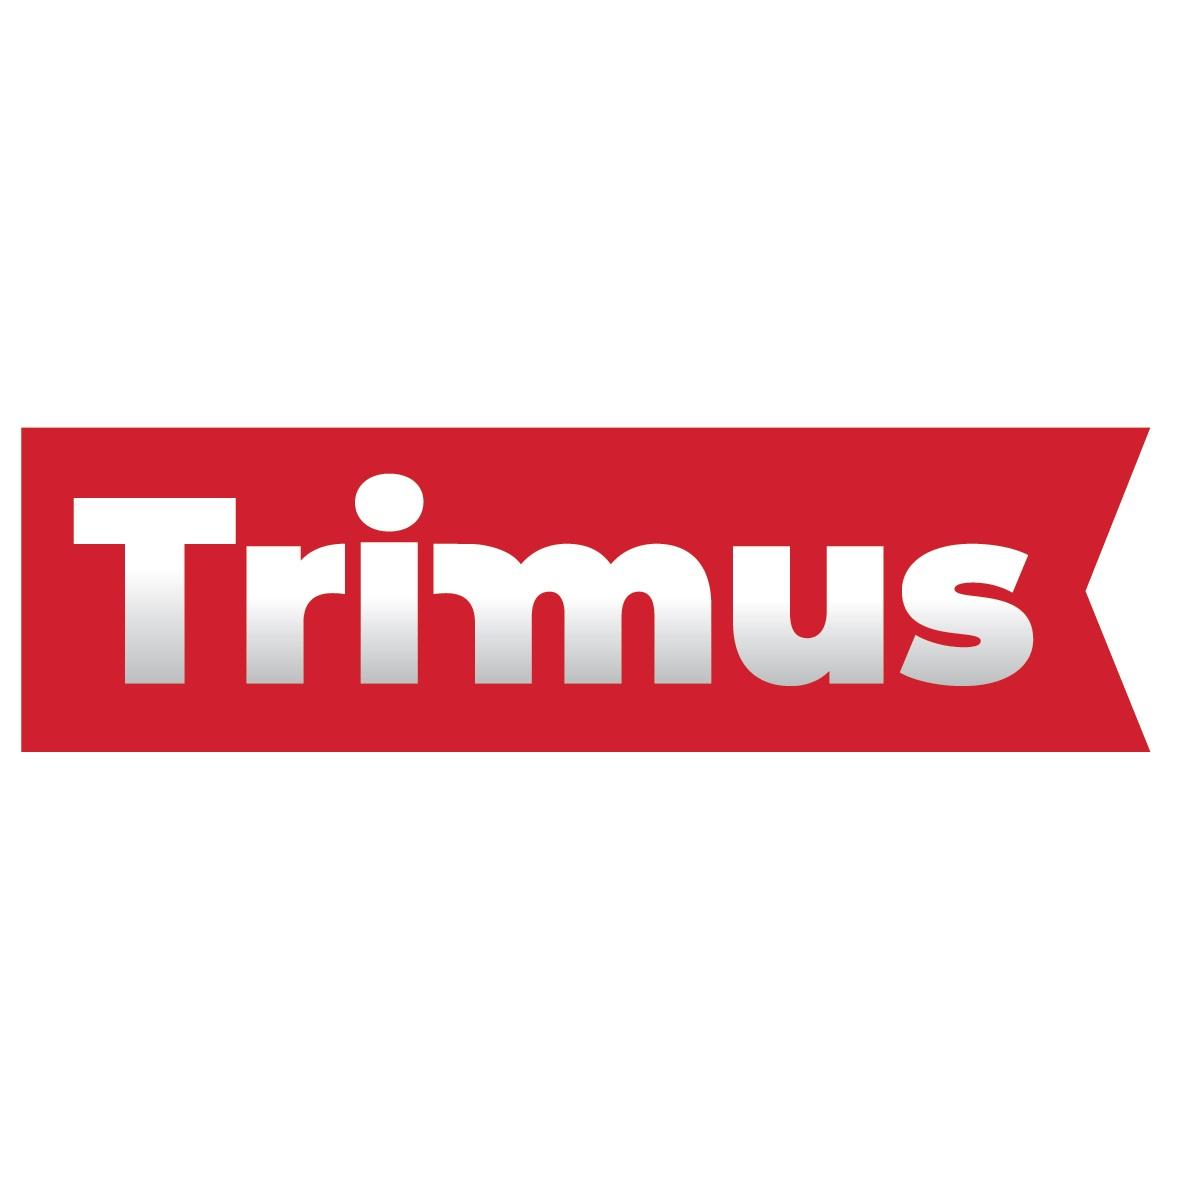 Trimus - Customisation & Repack Services